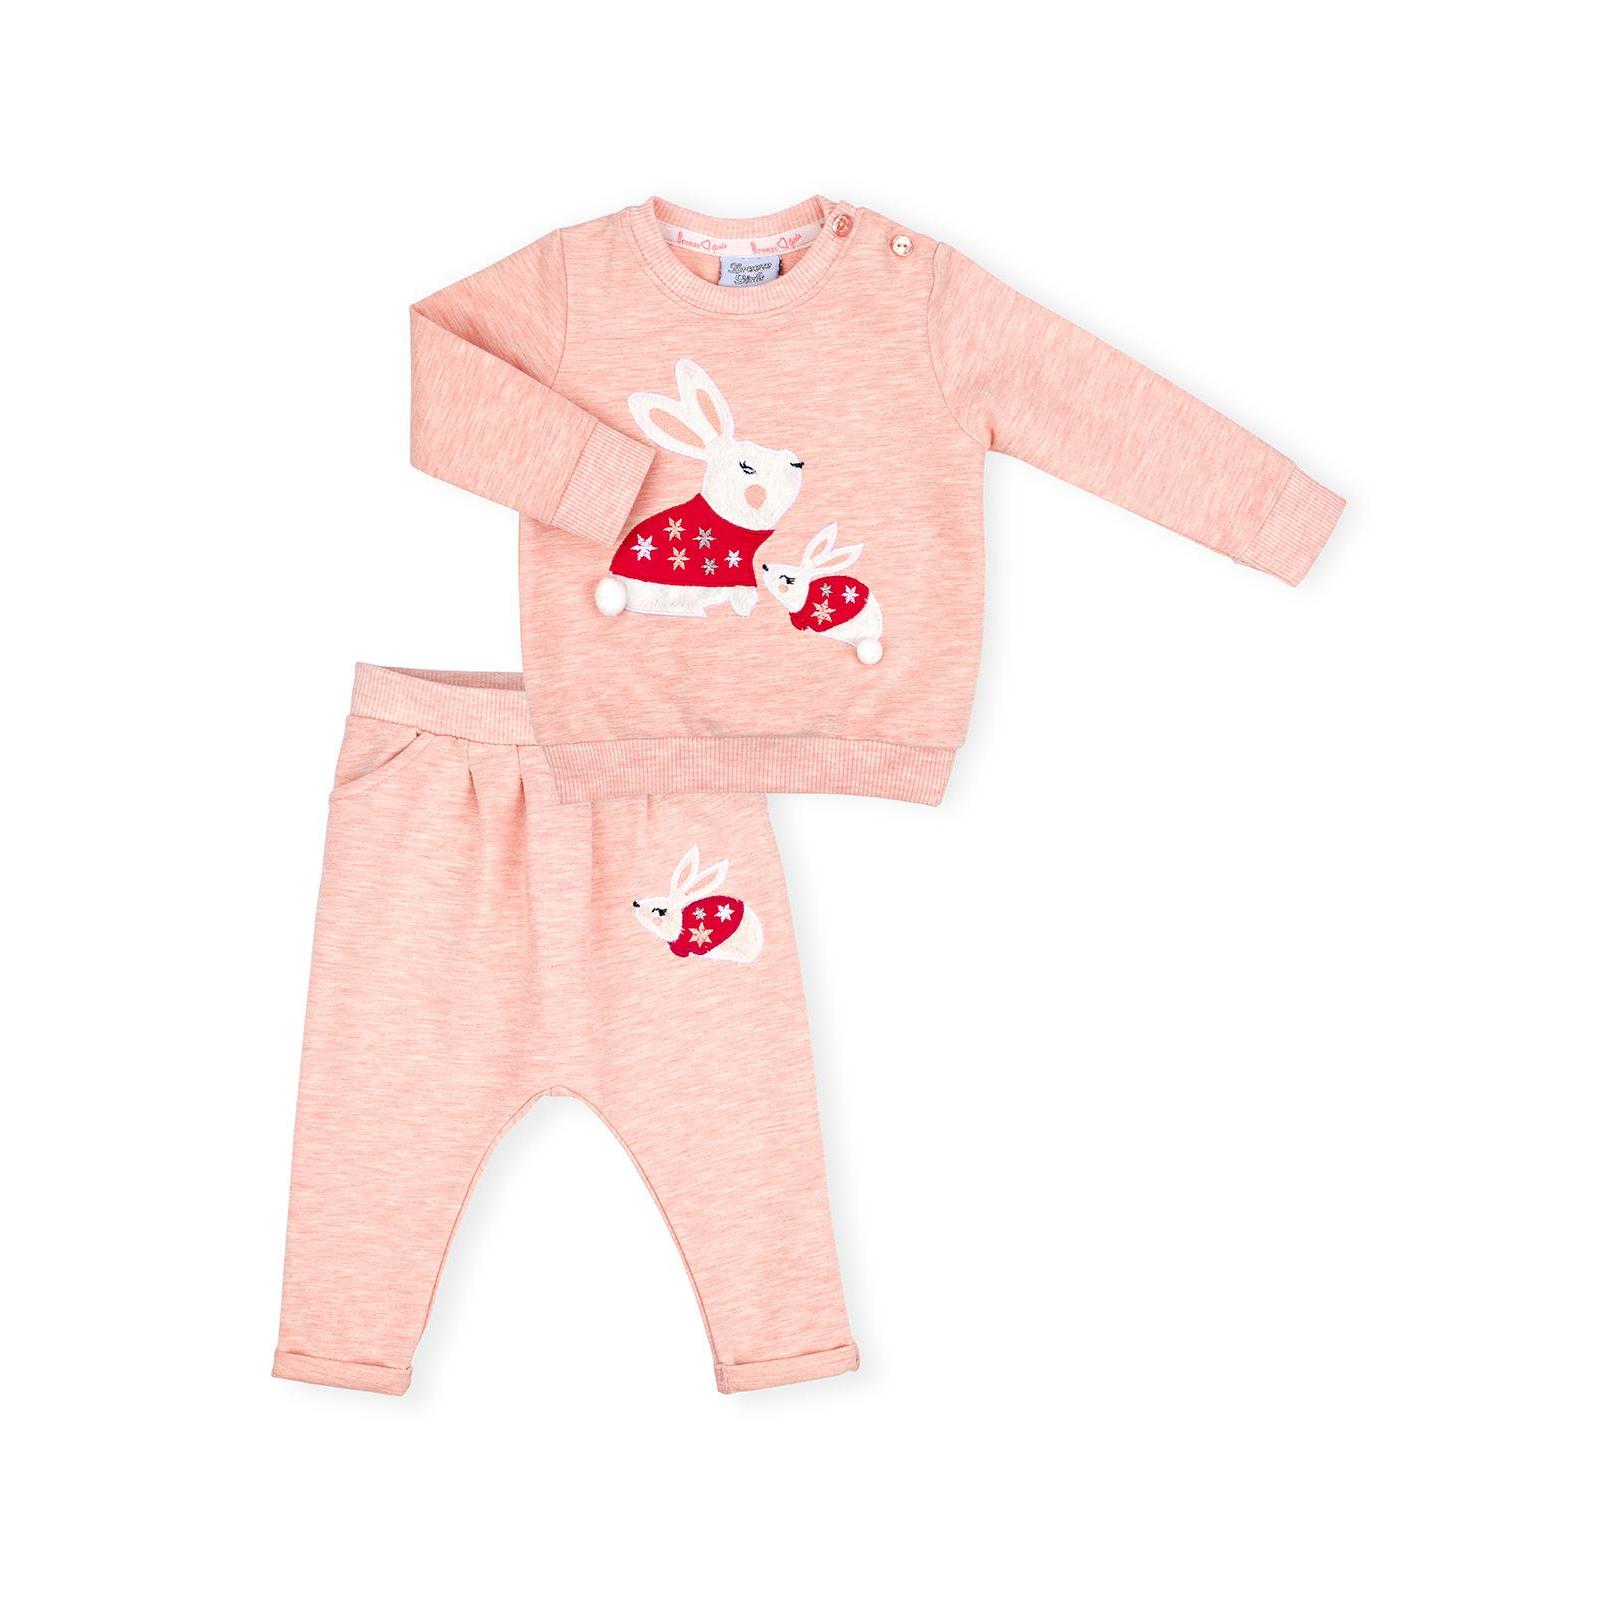 Набор детской одежды Breeze с зайчиками (10214-92G-peach)